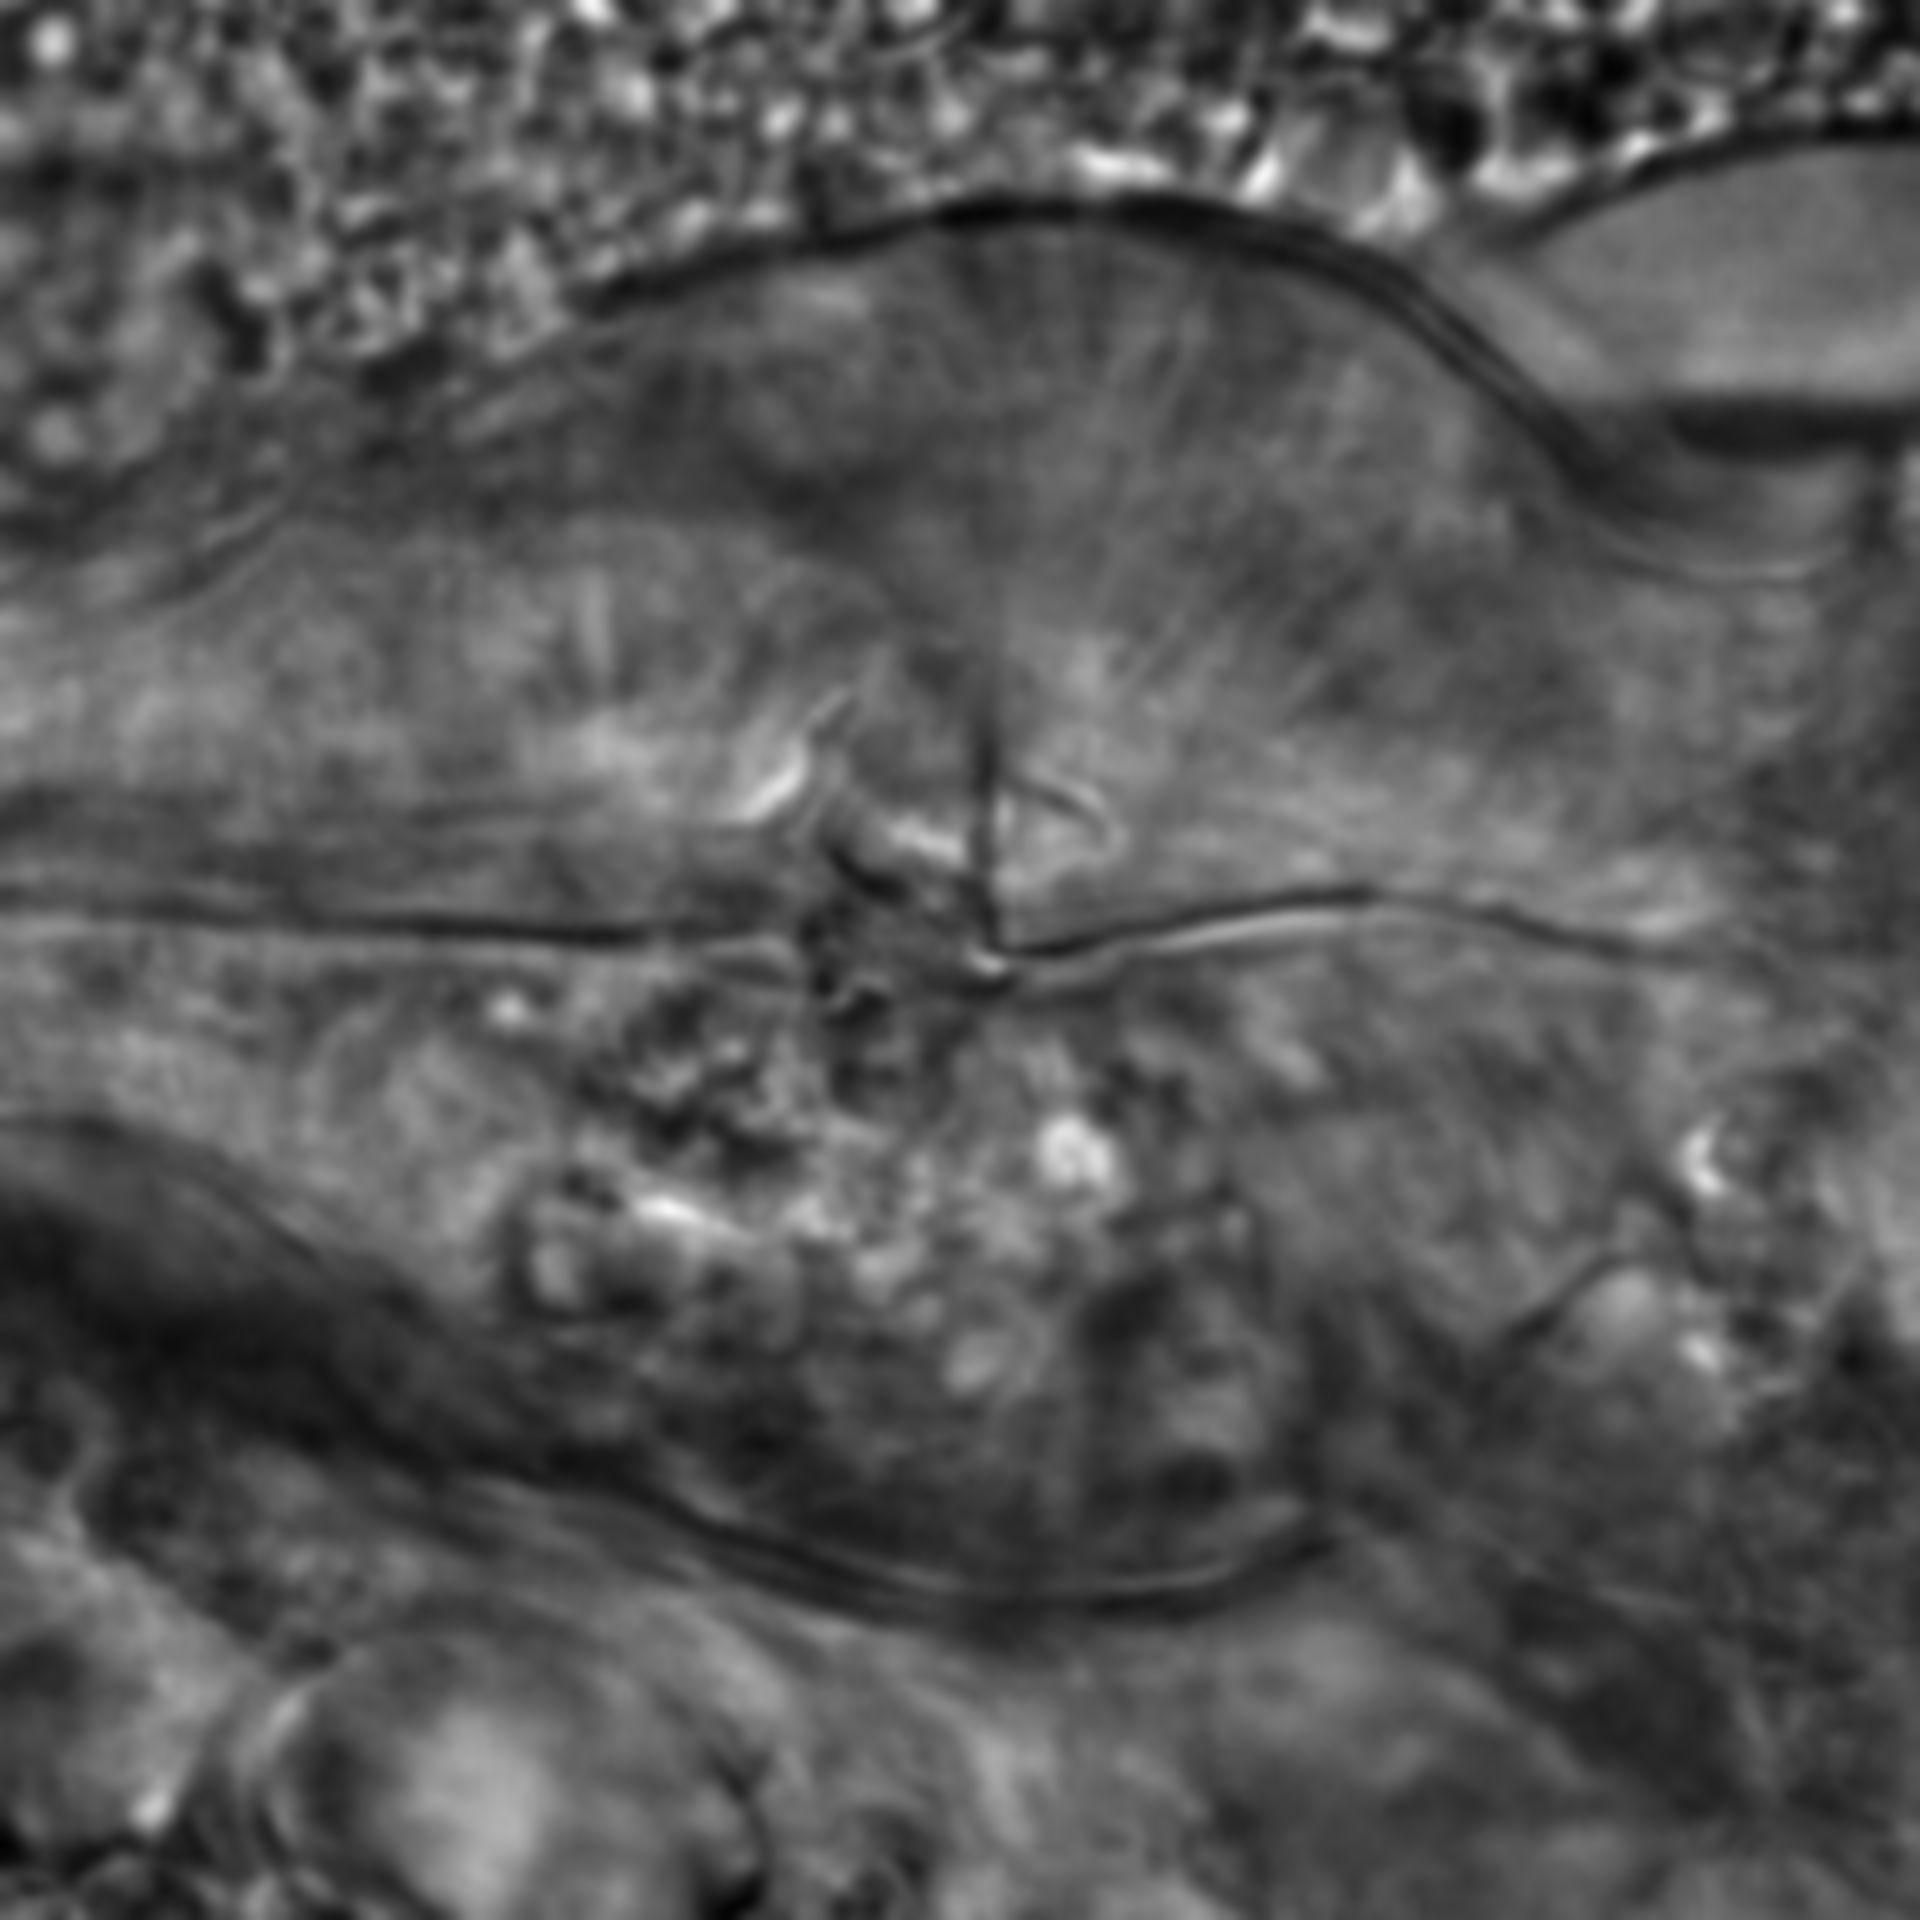 Caenorhabditis elegans - CIL:2178